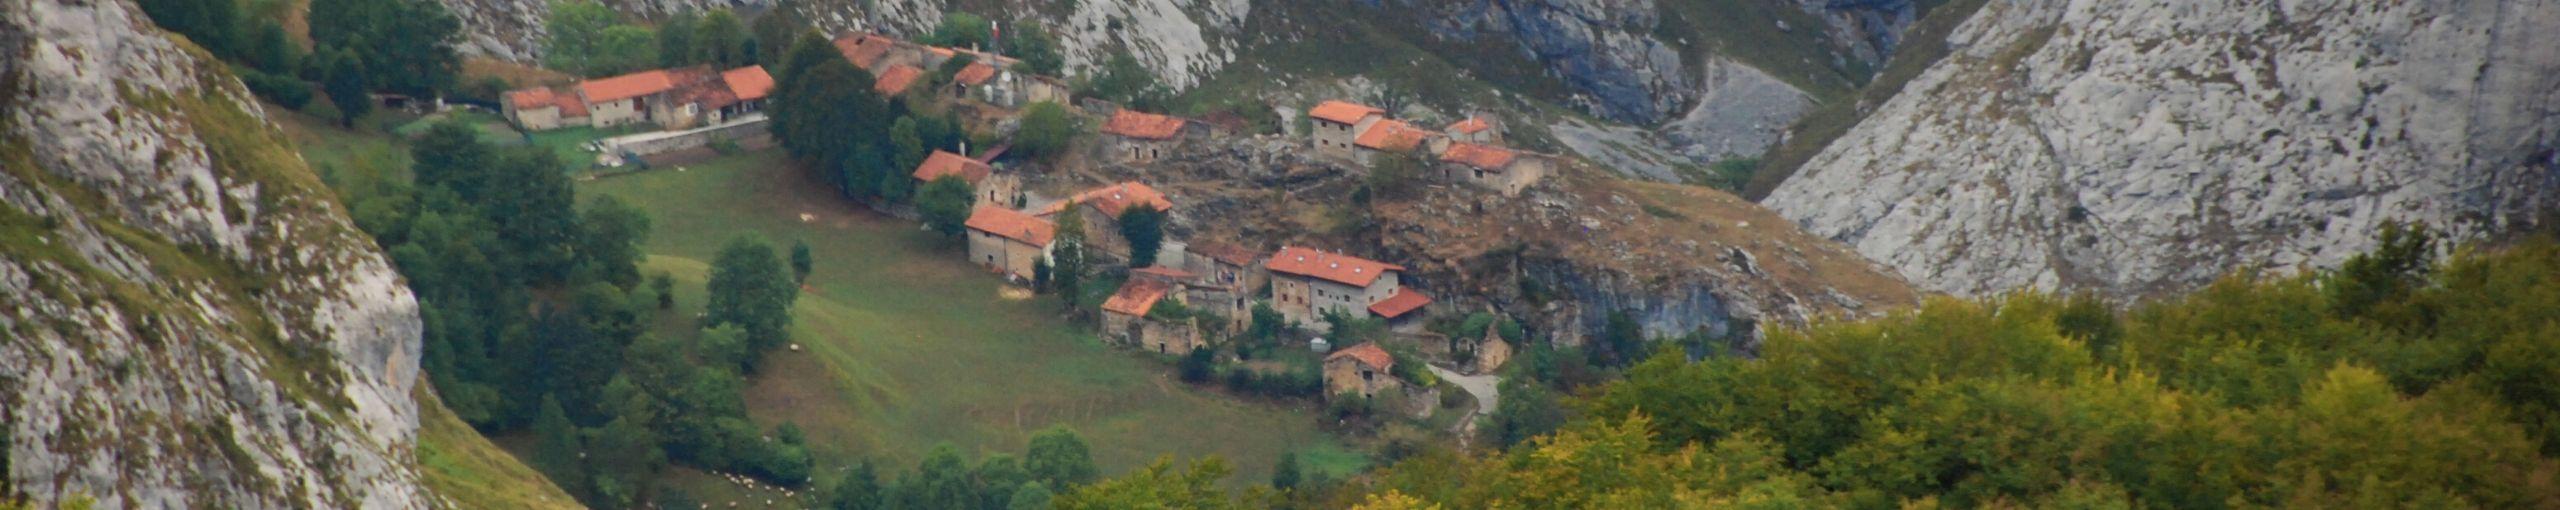 Bulnes, Asturias. Picos de Europa.